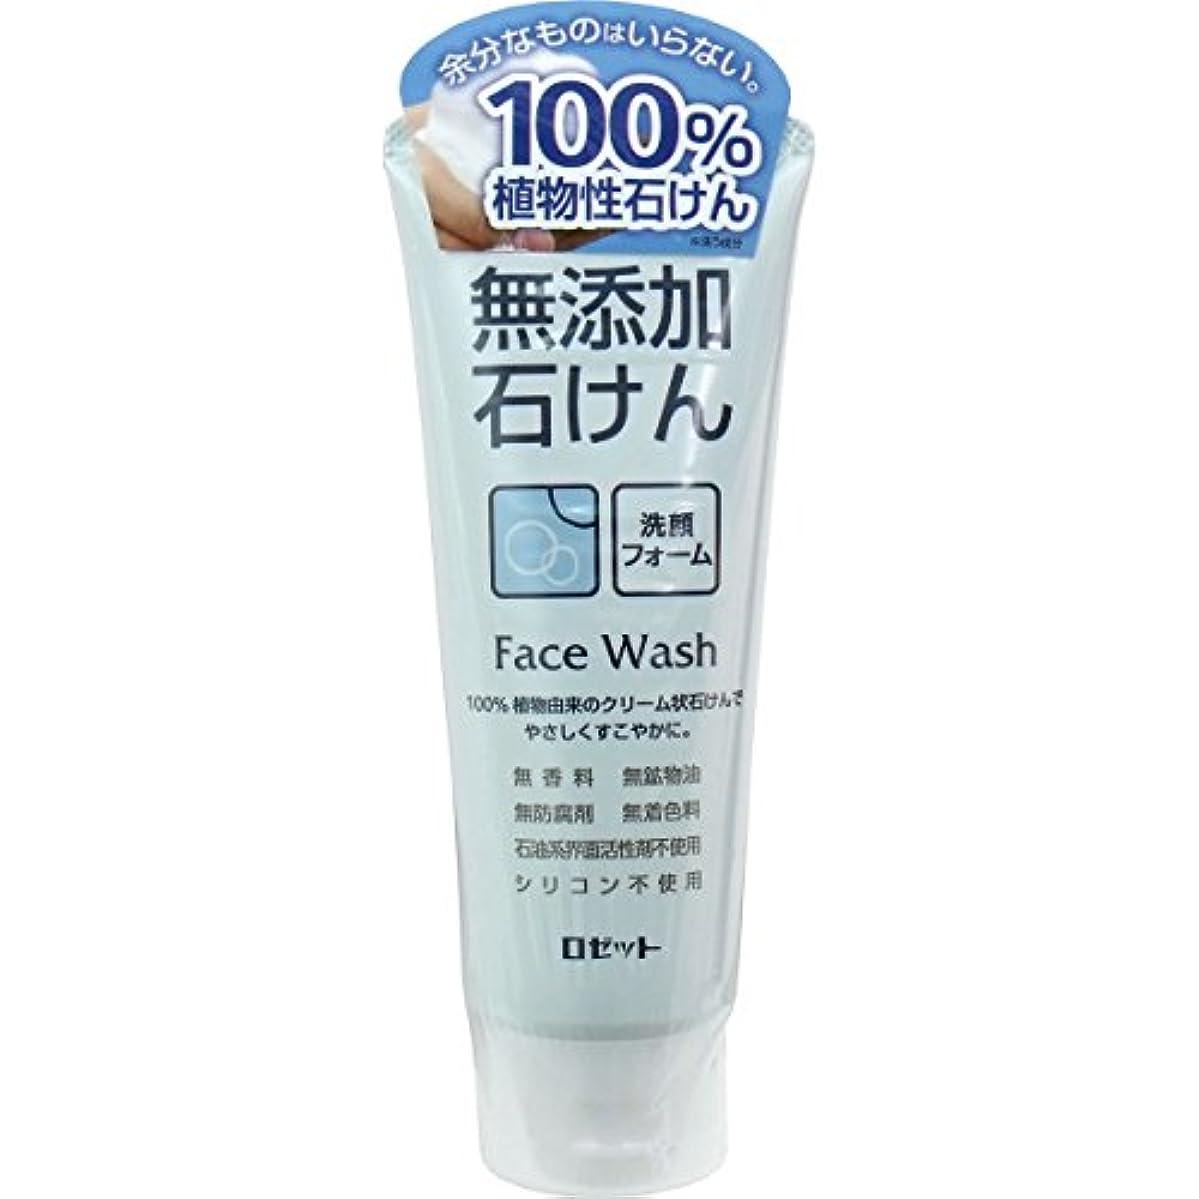 ベンチャージェームズダイソン品種【ロゼット】無添加石けん 洗顔フォーム 140g ×20個セット